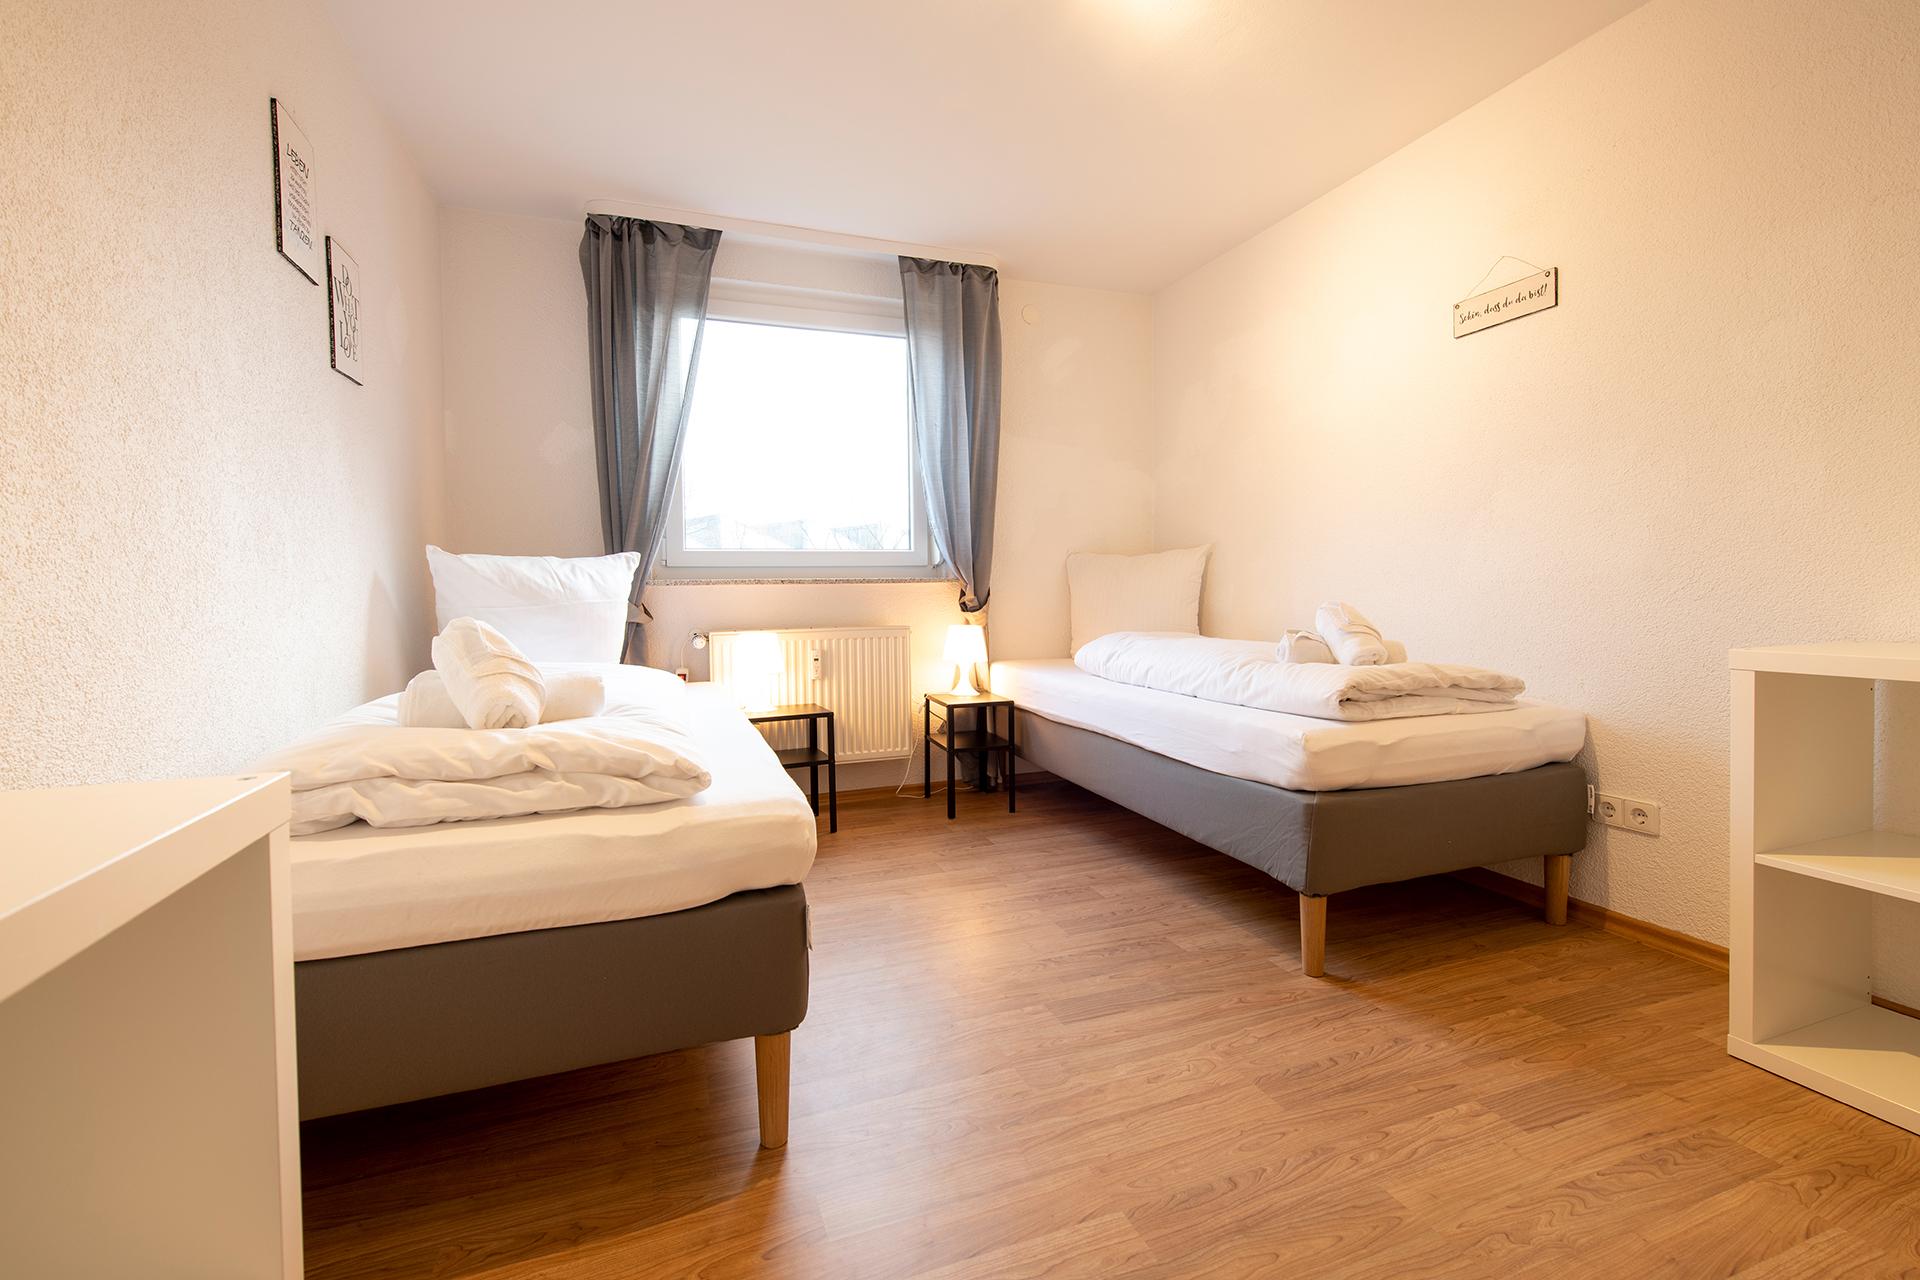 Ferienwohnung am Bodensee: Markdorf - Schlafzimmer 2